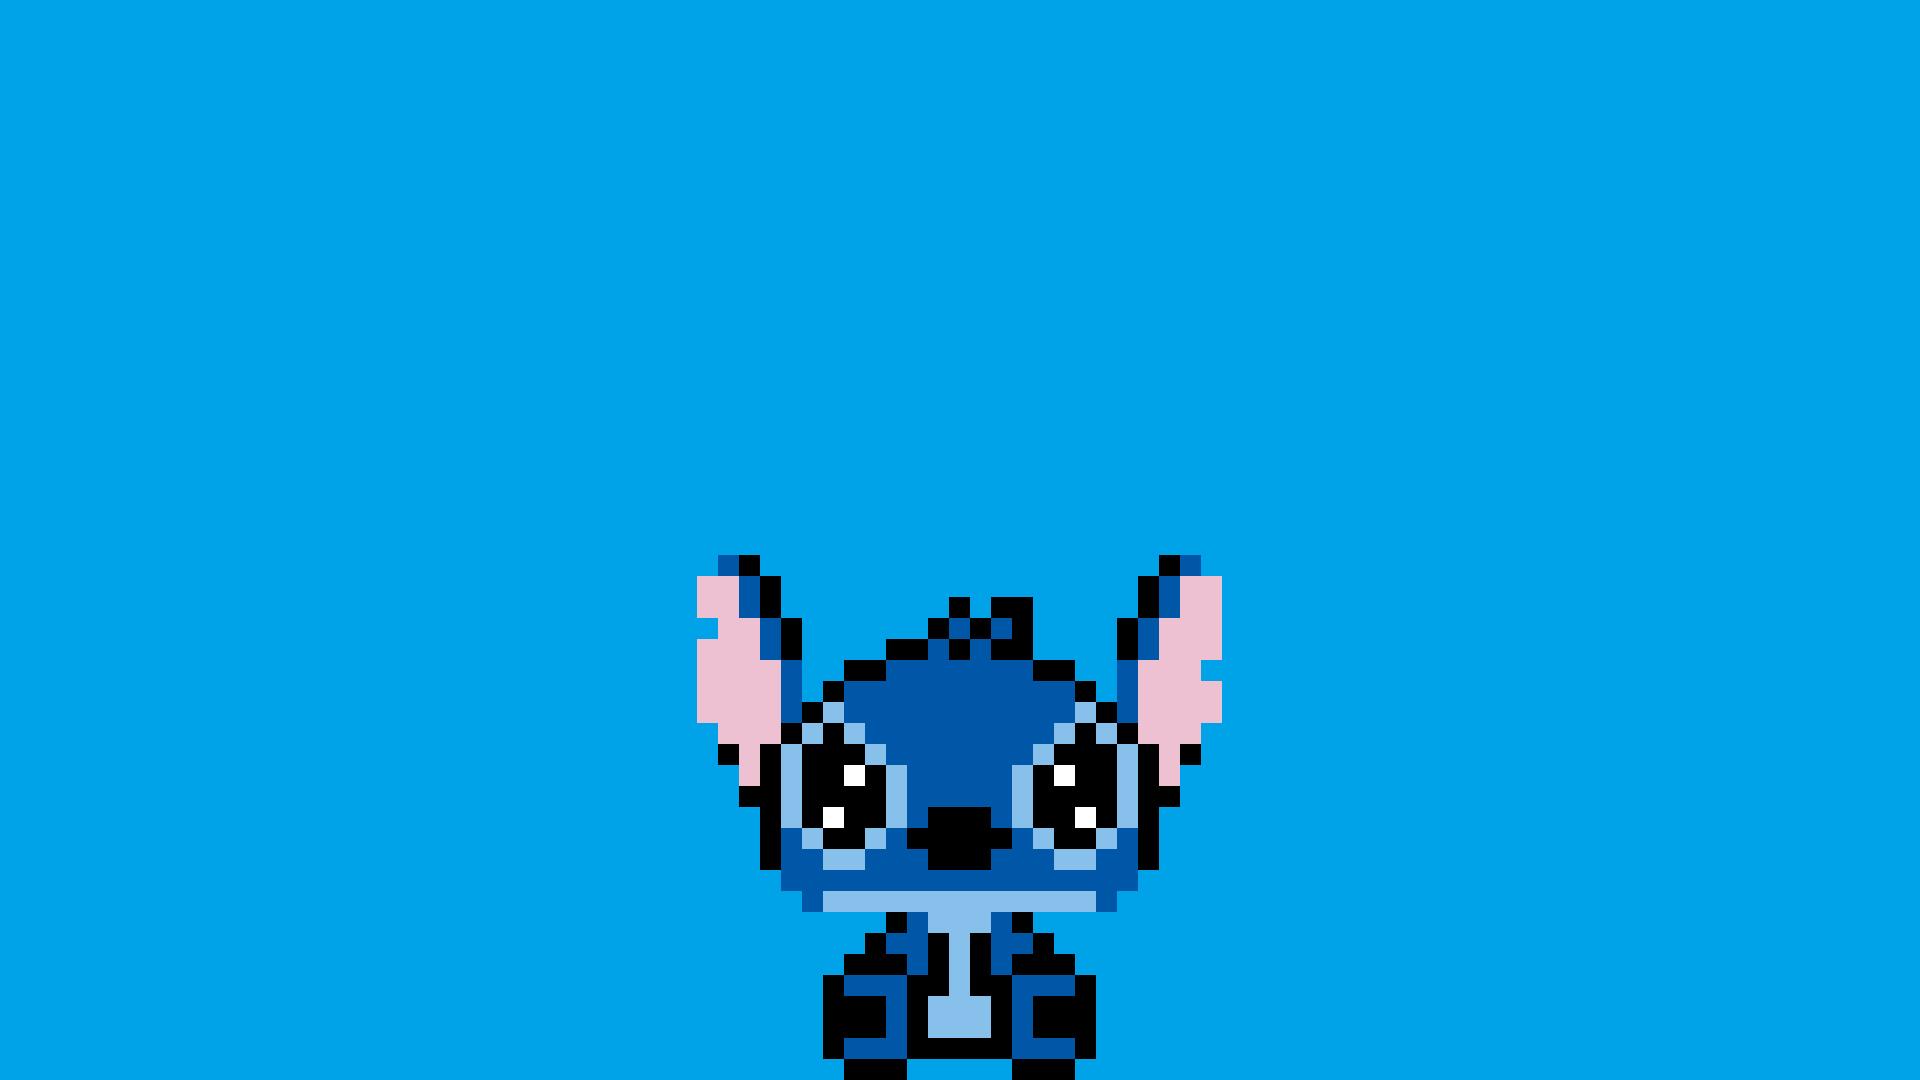 stitch pixel art vm